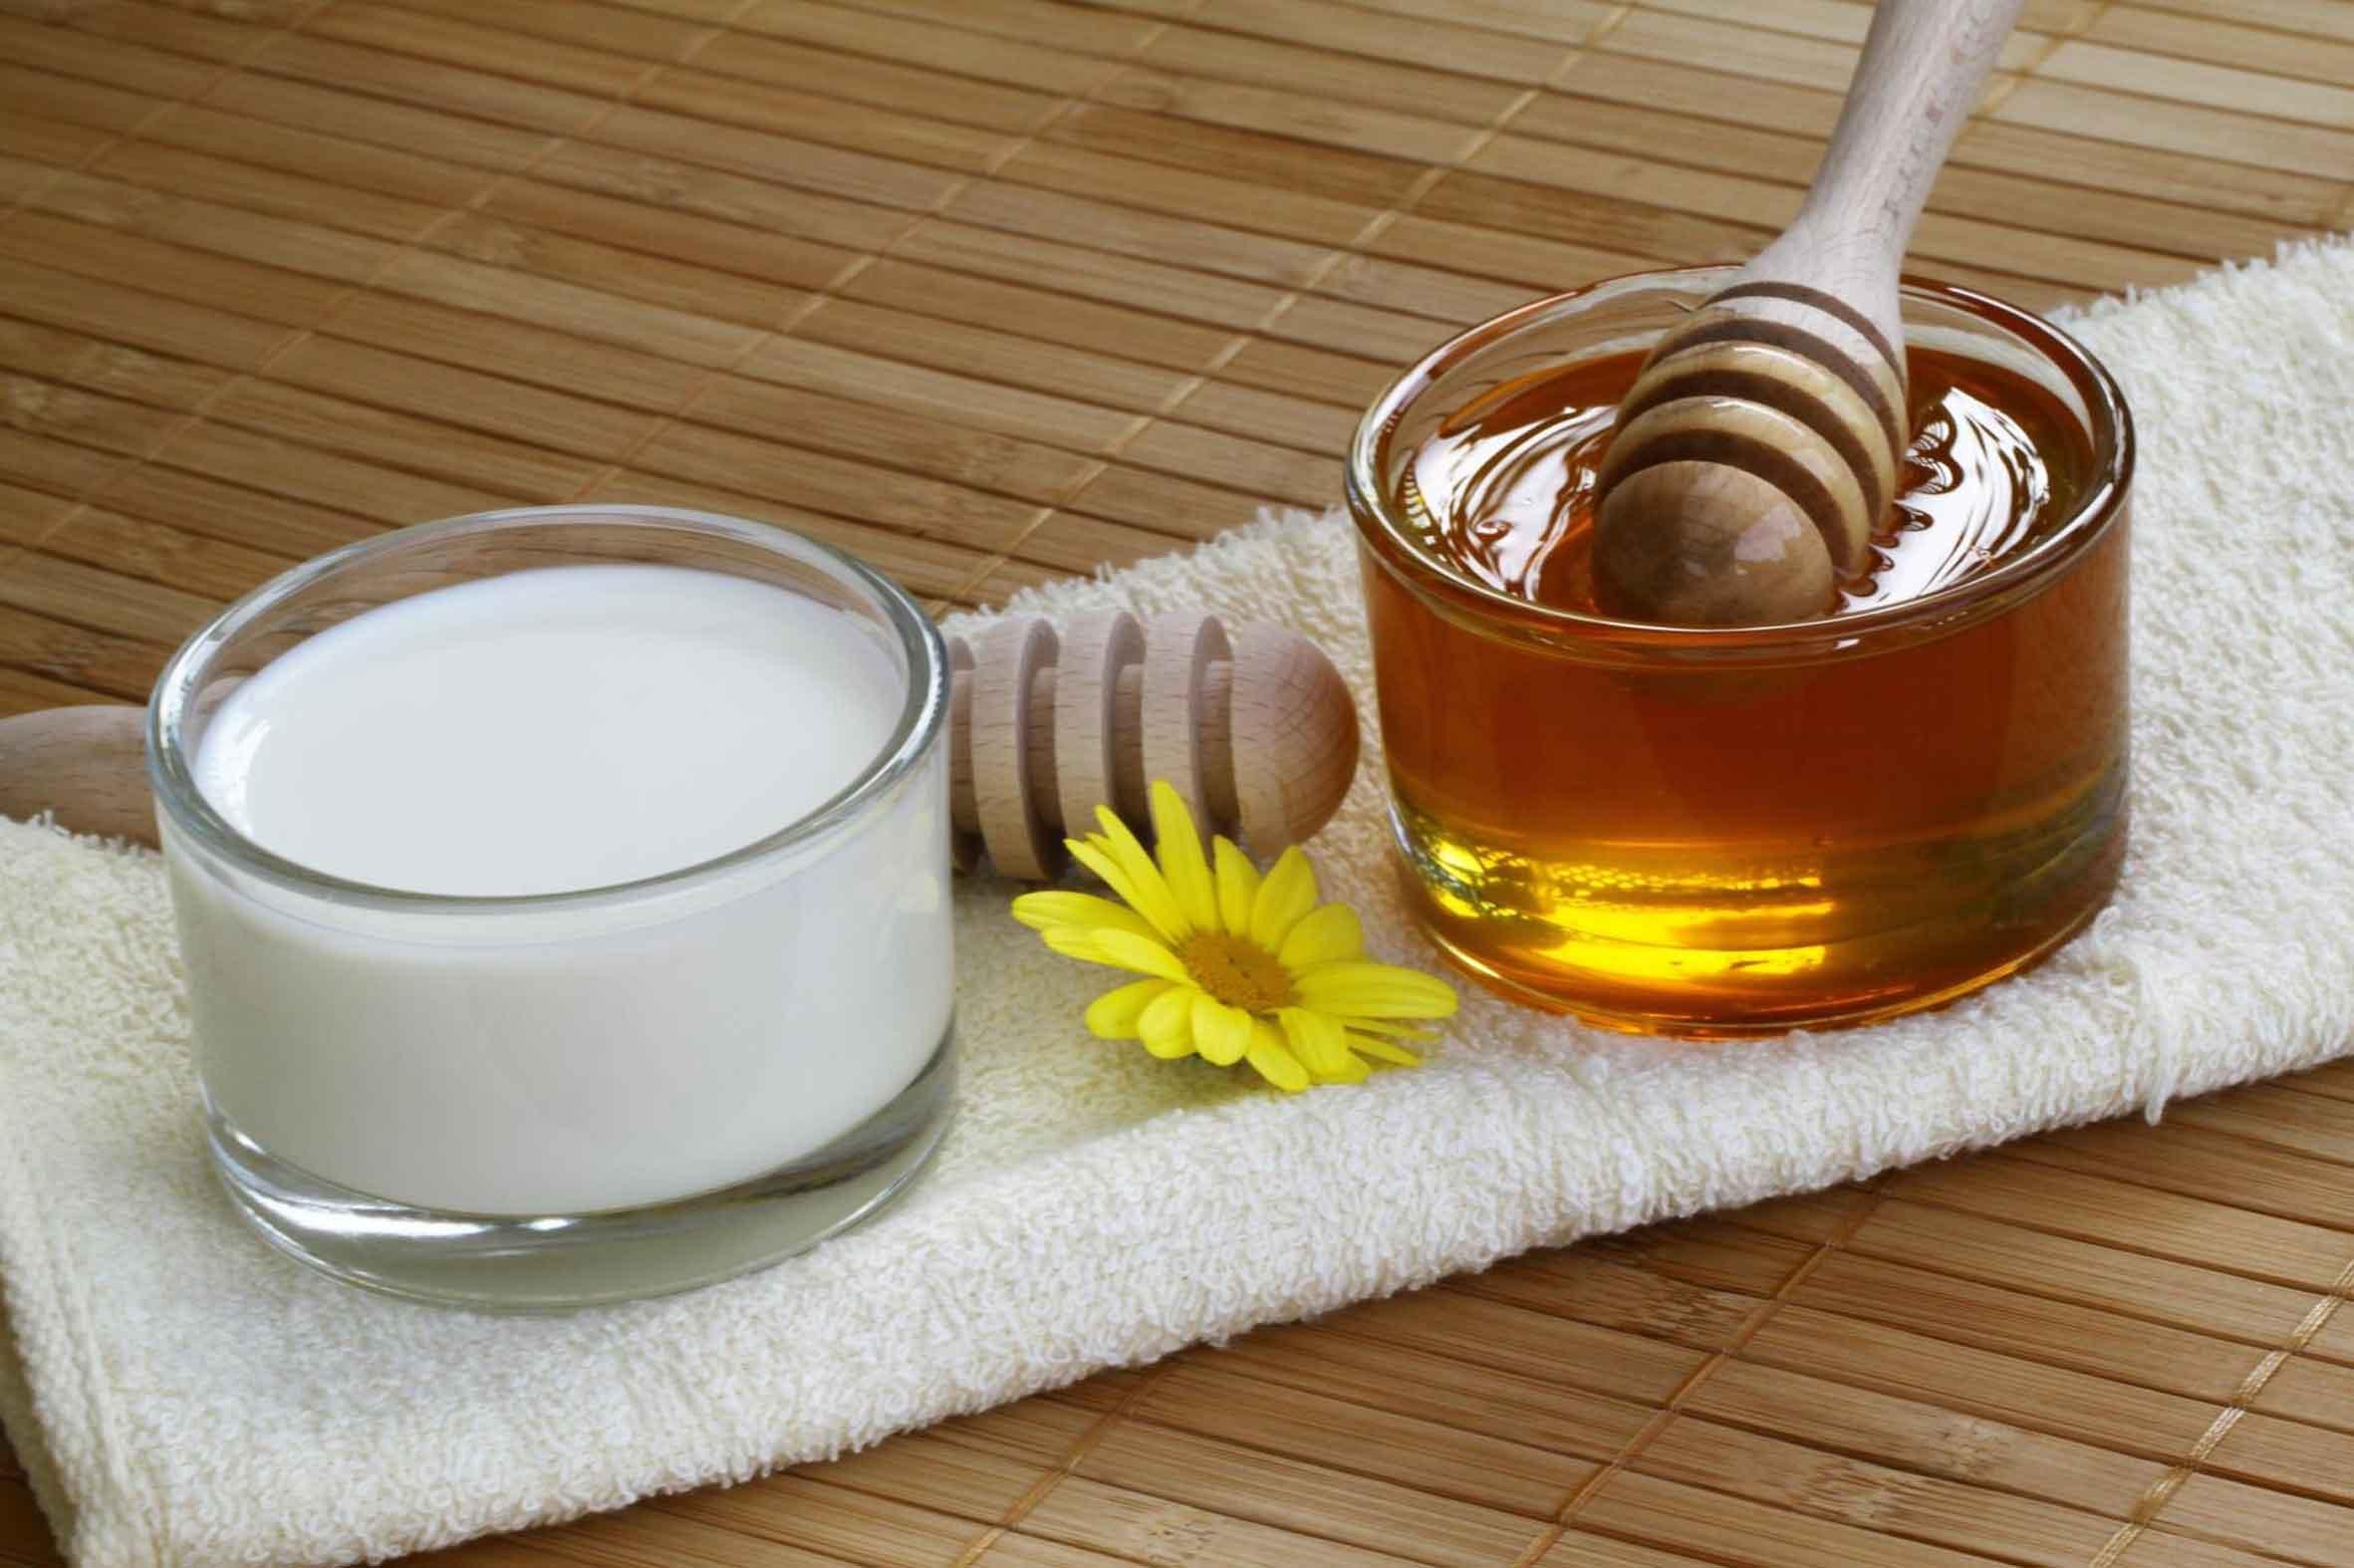 Быстрое и надежное лечение от простуды в домашних условиях